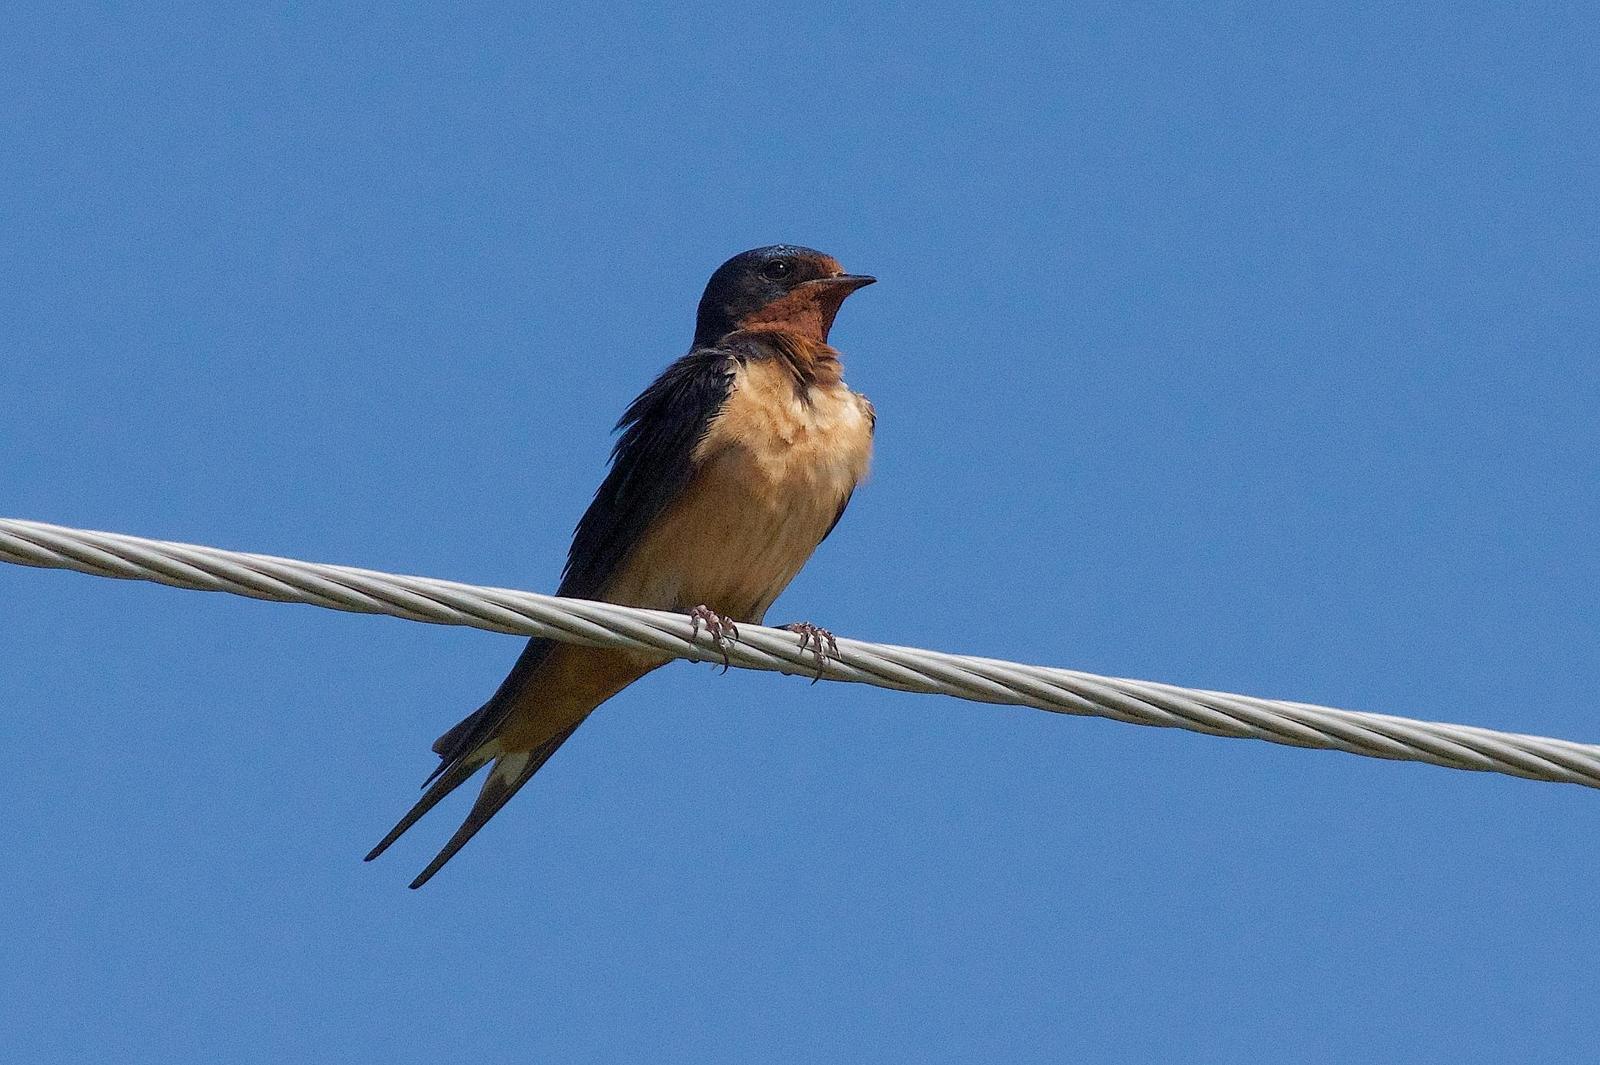 Barn Swallow Photo by Gerald Hoekstra